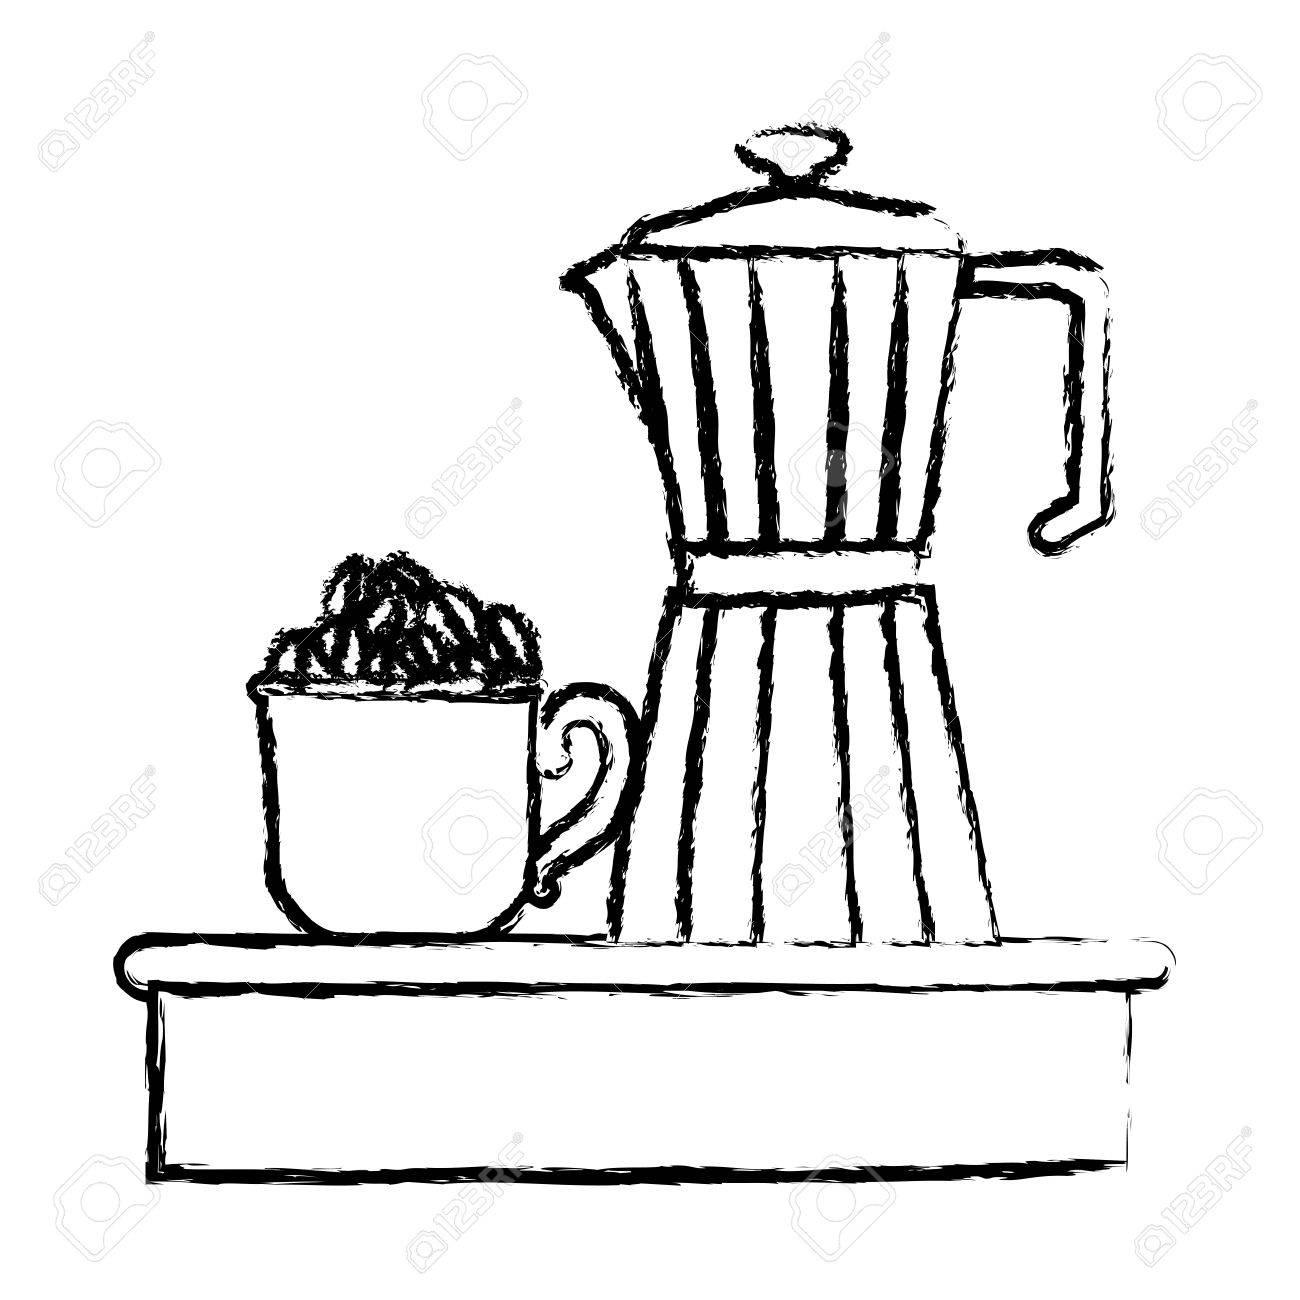 山のコーヒー豆とハンドル モノクロぼやけたシルエット ベクトル図とコーヒーの金属瓶磁器マグカップ